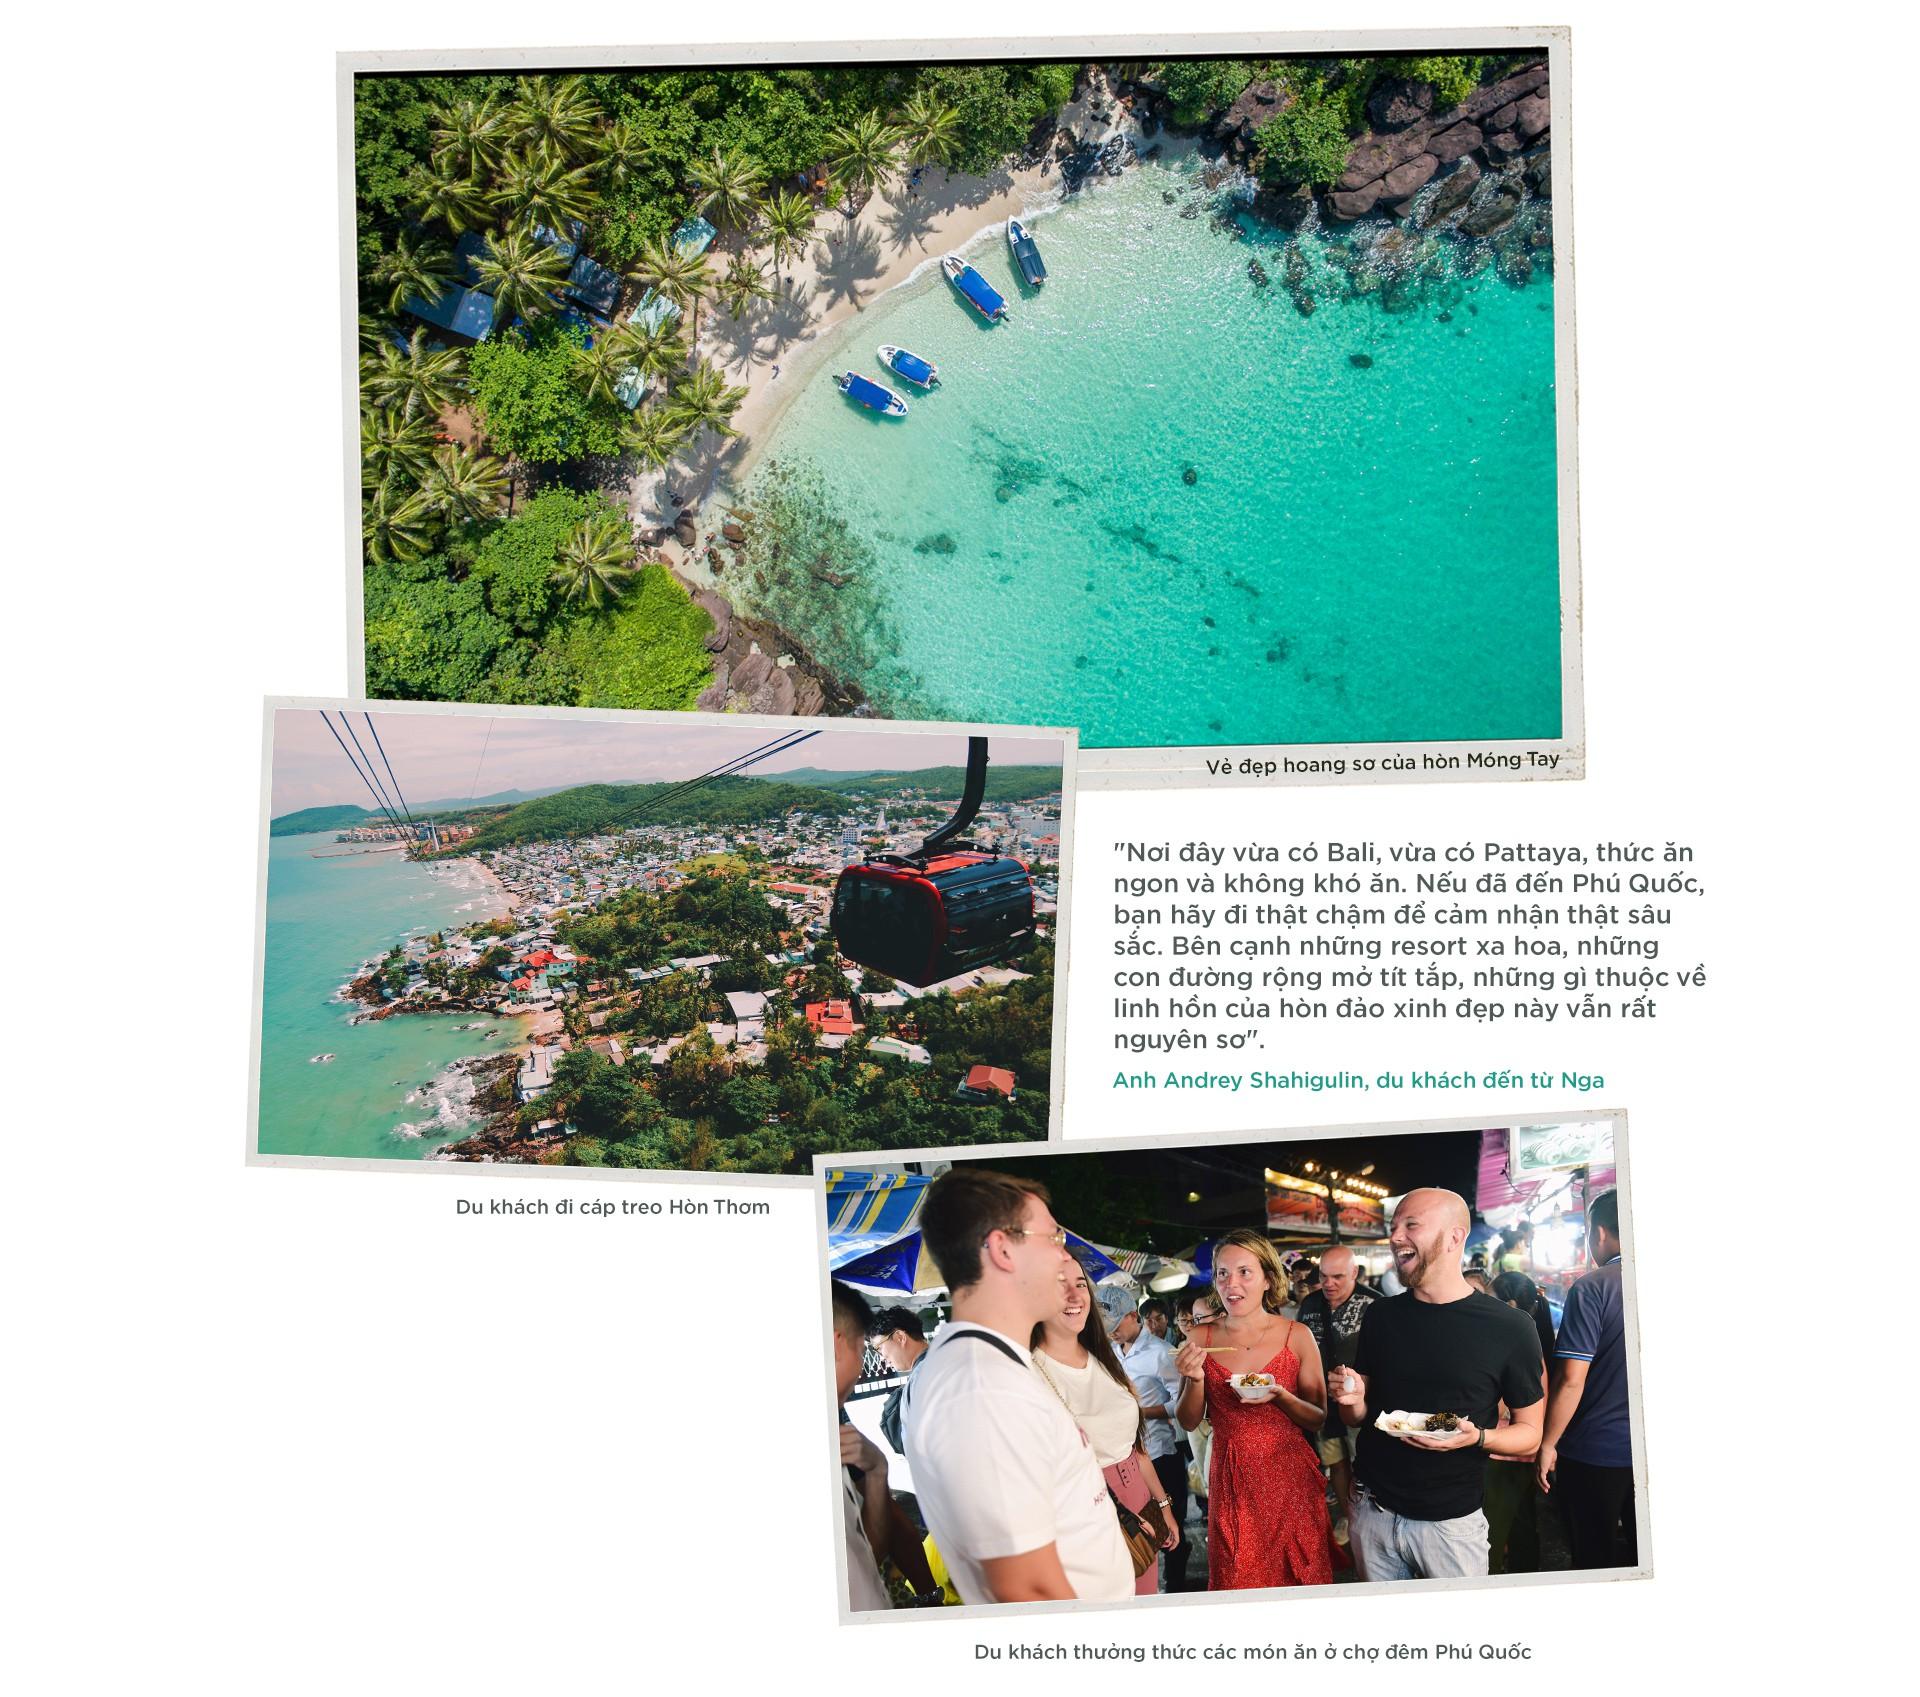 Chạm tay vào đảo ngọc Phú Quốc - Ảnh 3.